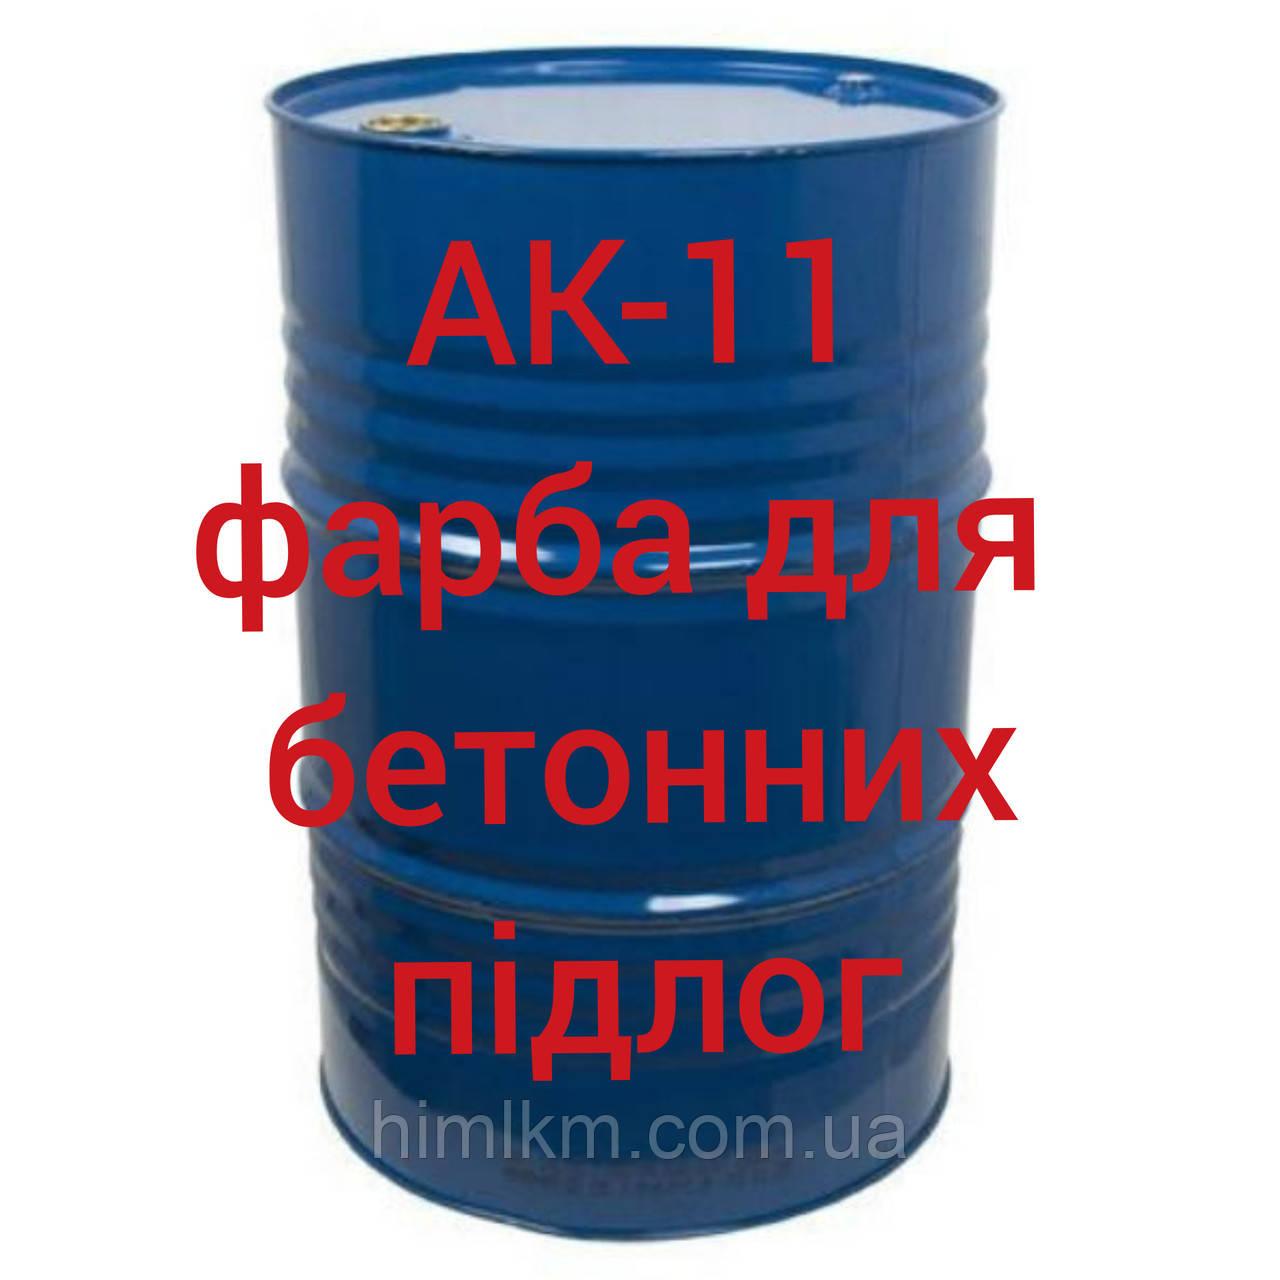 Краска АК-11 для бетонных полов, бордюров, разметки дорог, тоннелей, камня, щебня